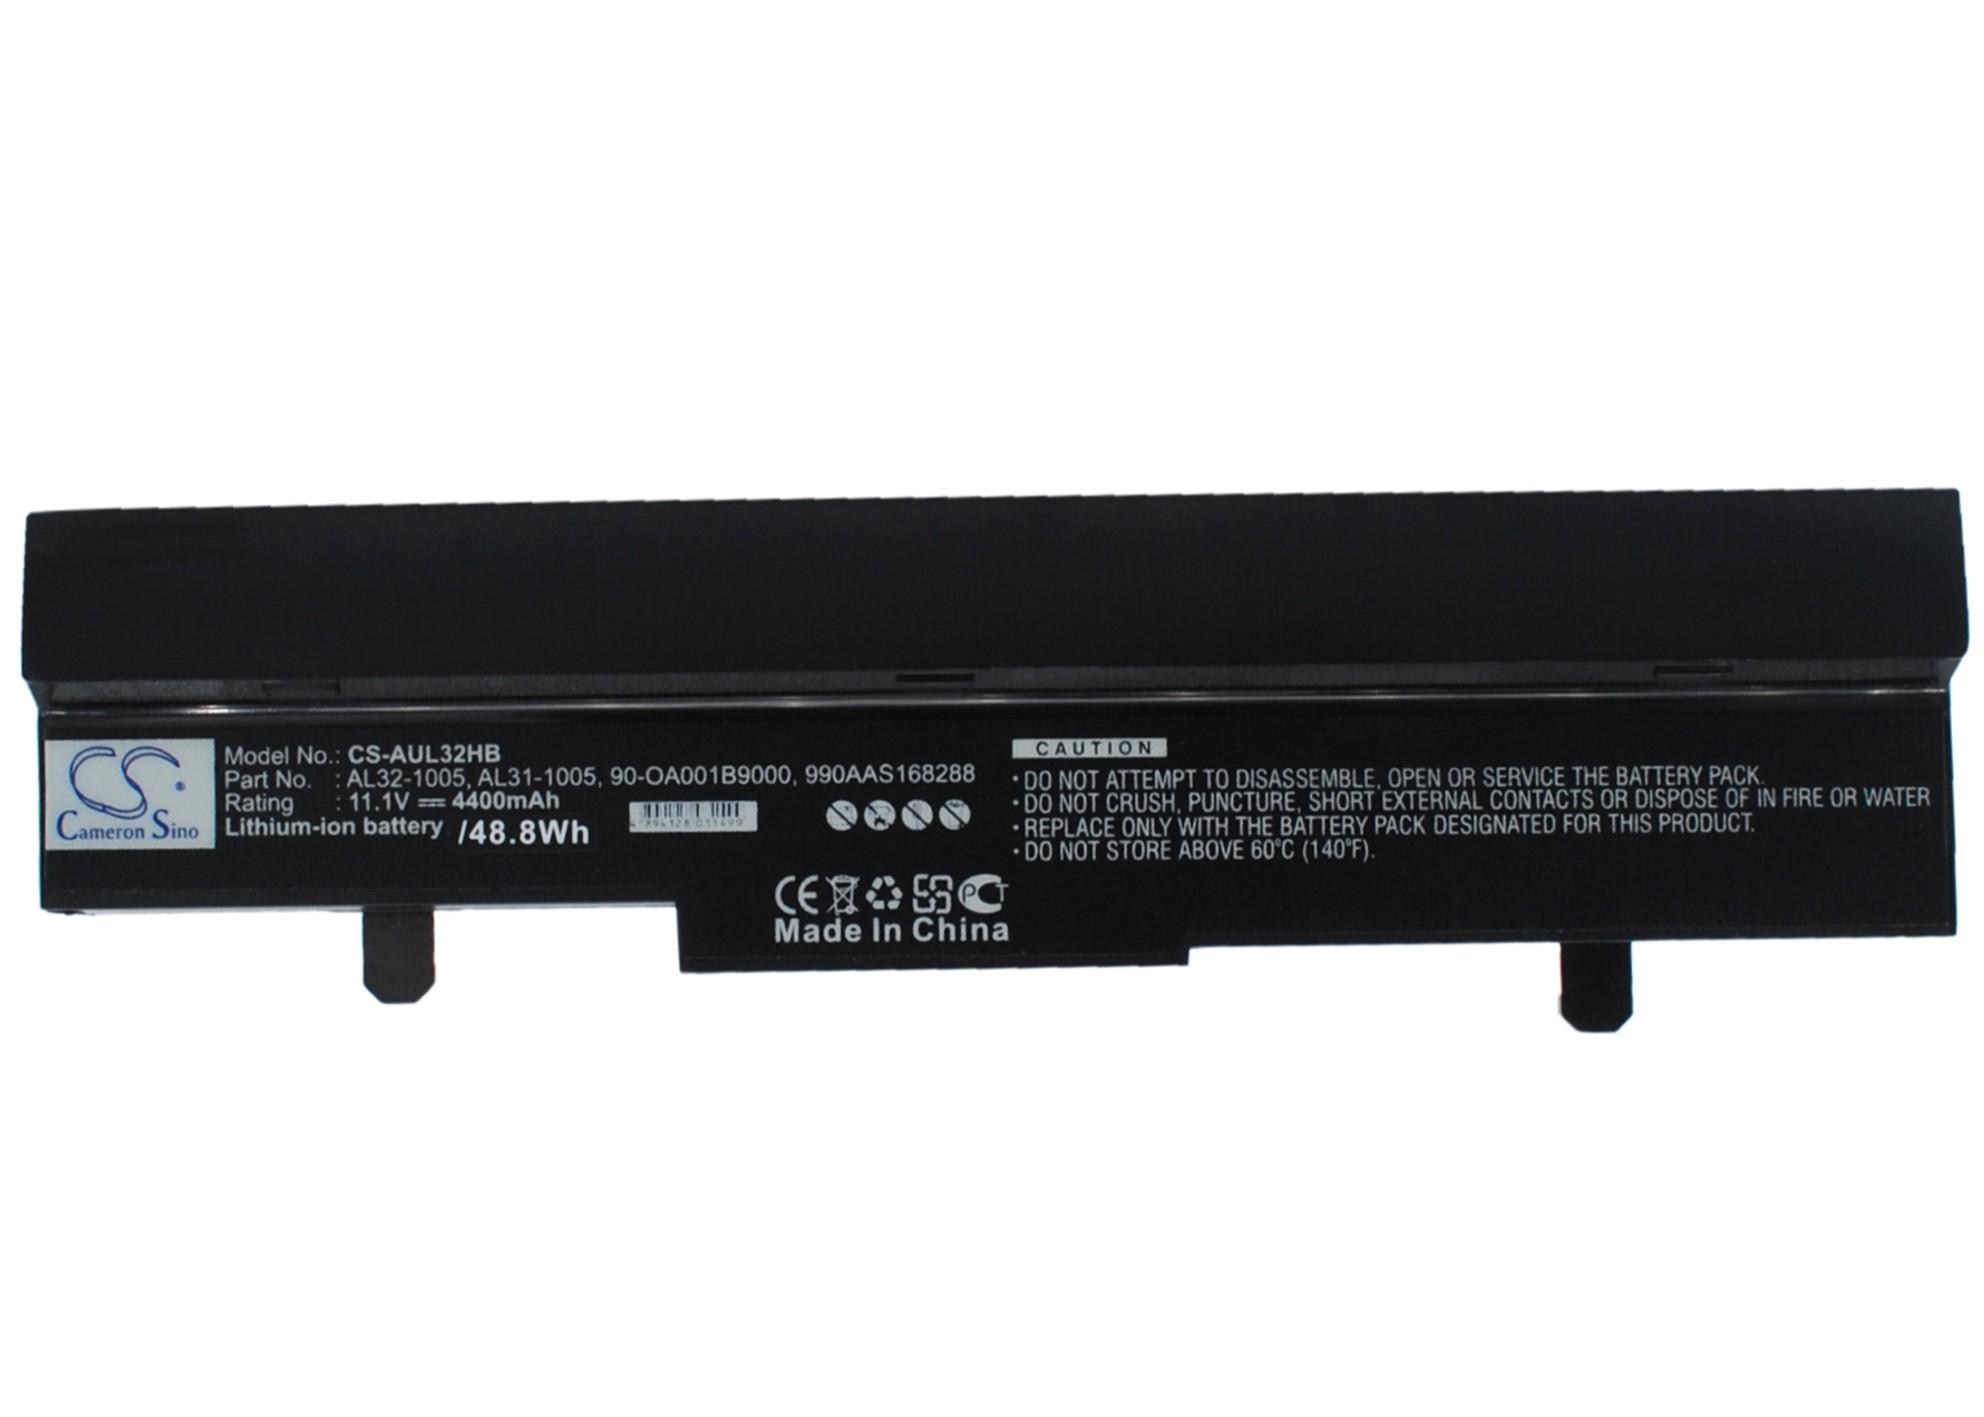 Cameron Sino baterie do netbooků pro ASUS Eee PC 1005PE 10.8V Li-ion 4400mAh černá - neoriginální